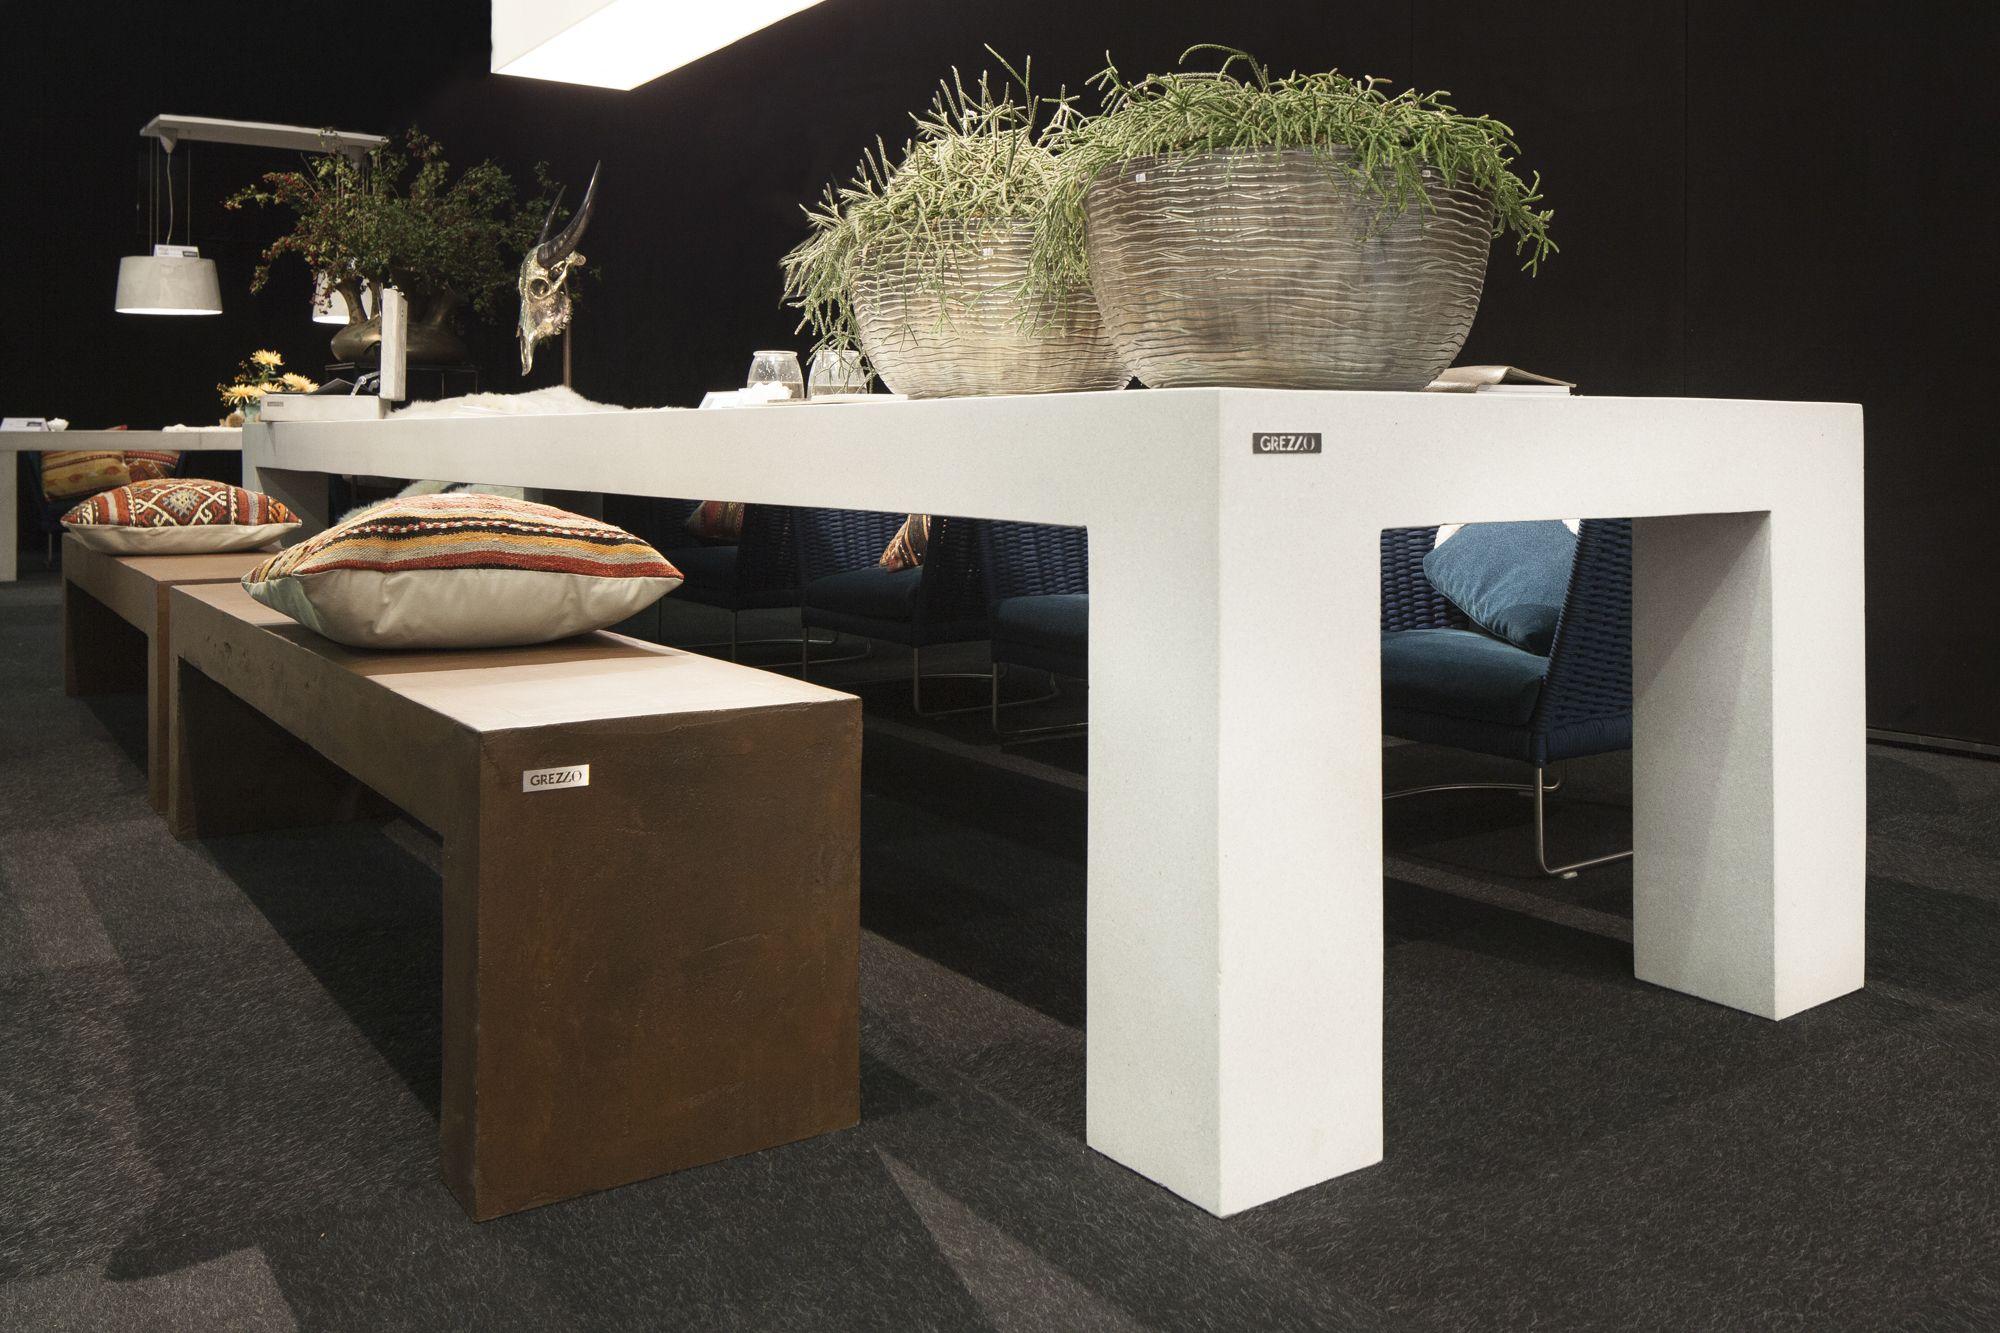 Grote Witte Tafel : Exclusieve grote witte tafel met terrazzo uitstraling grezzo was